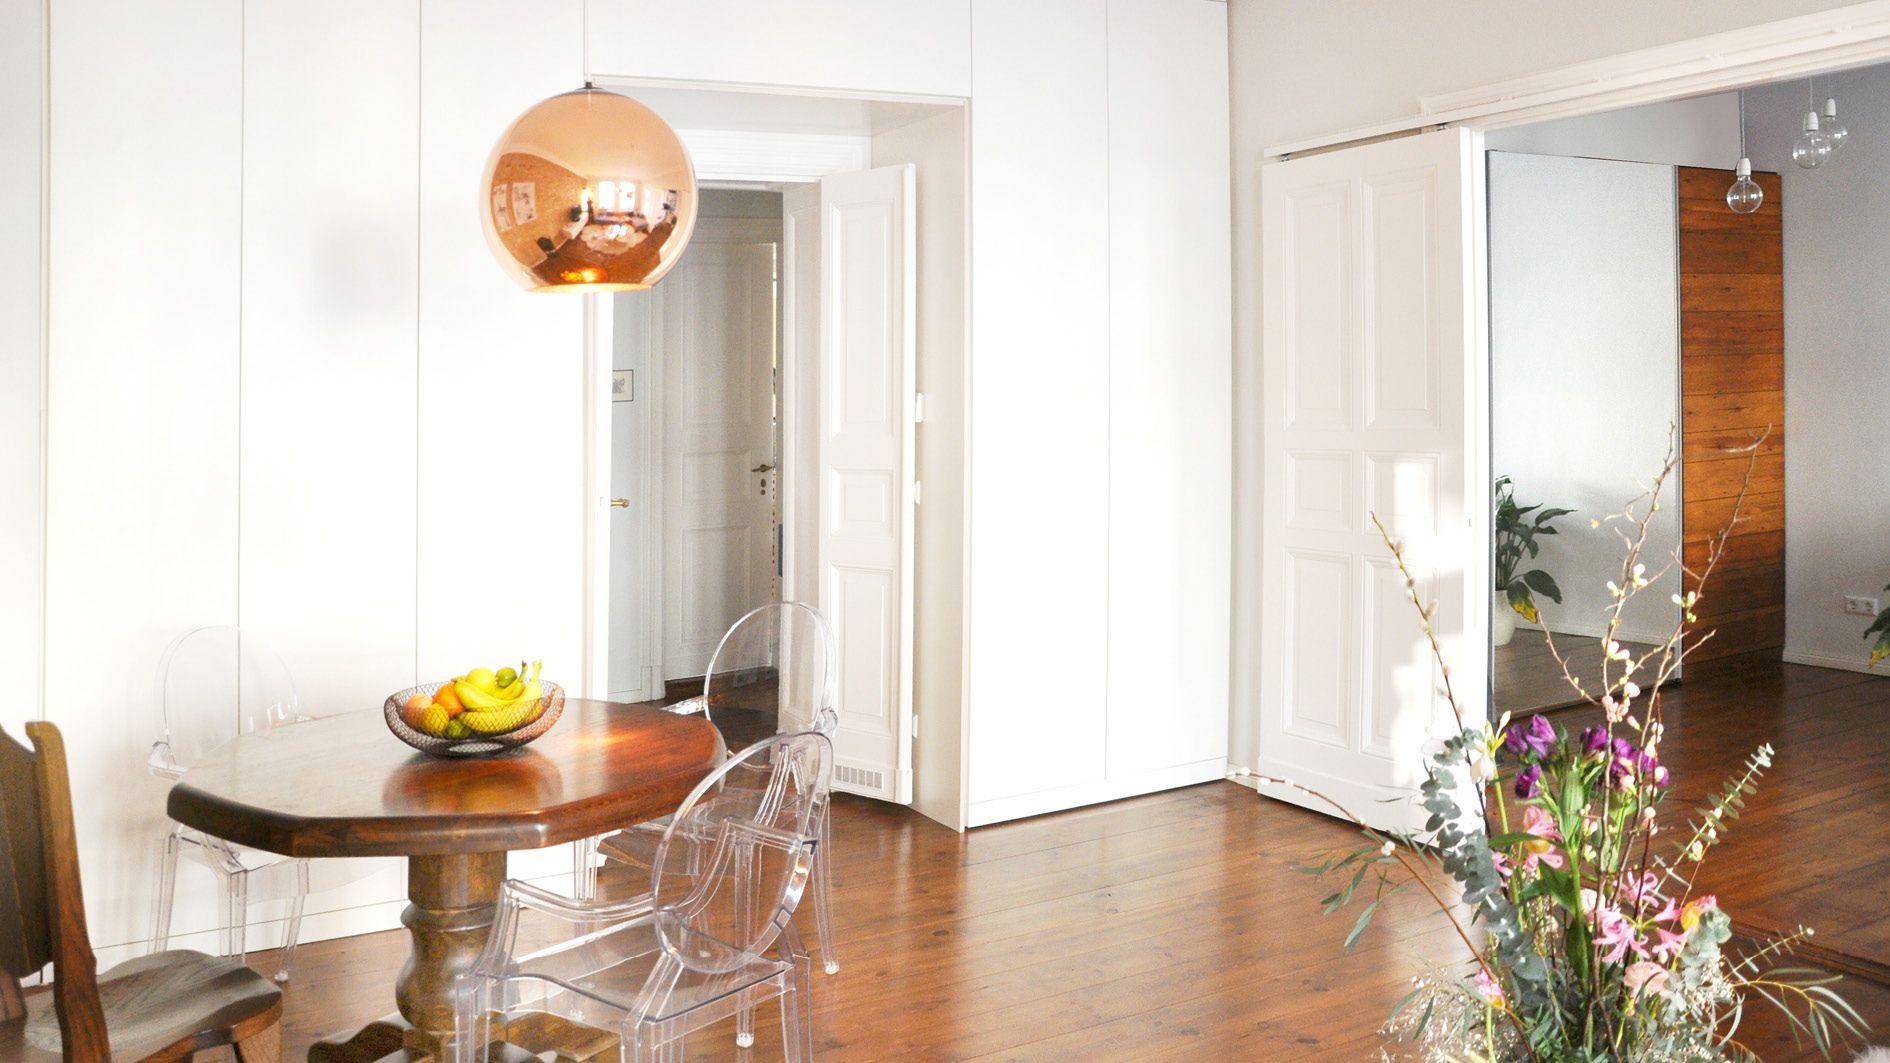 Einfaches hausdesign hd gold warmlight cozyliving altbau berlin tomdixon boconcept